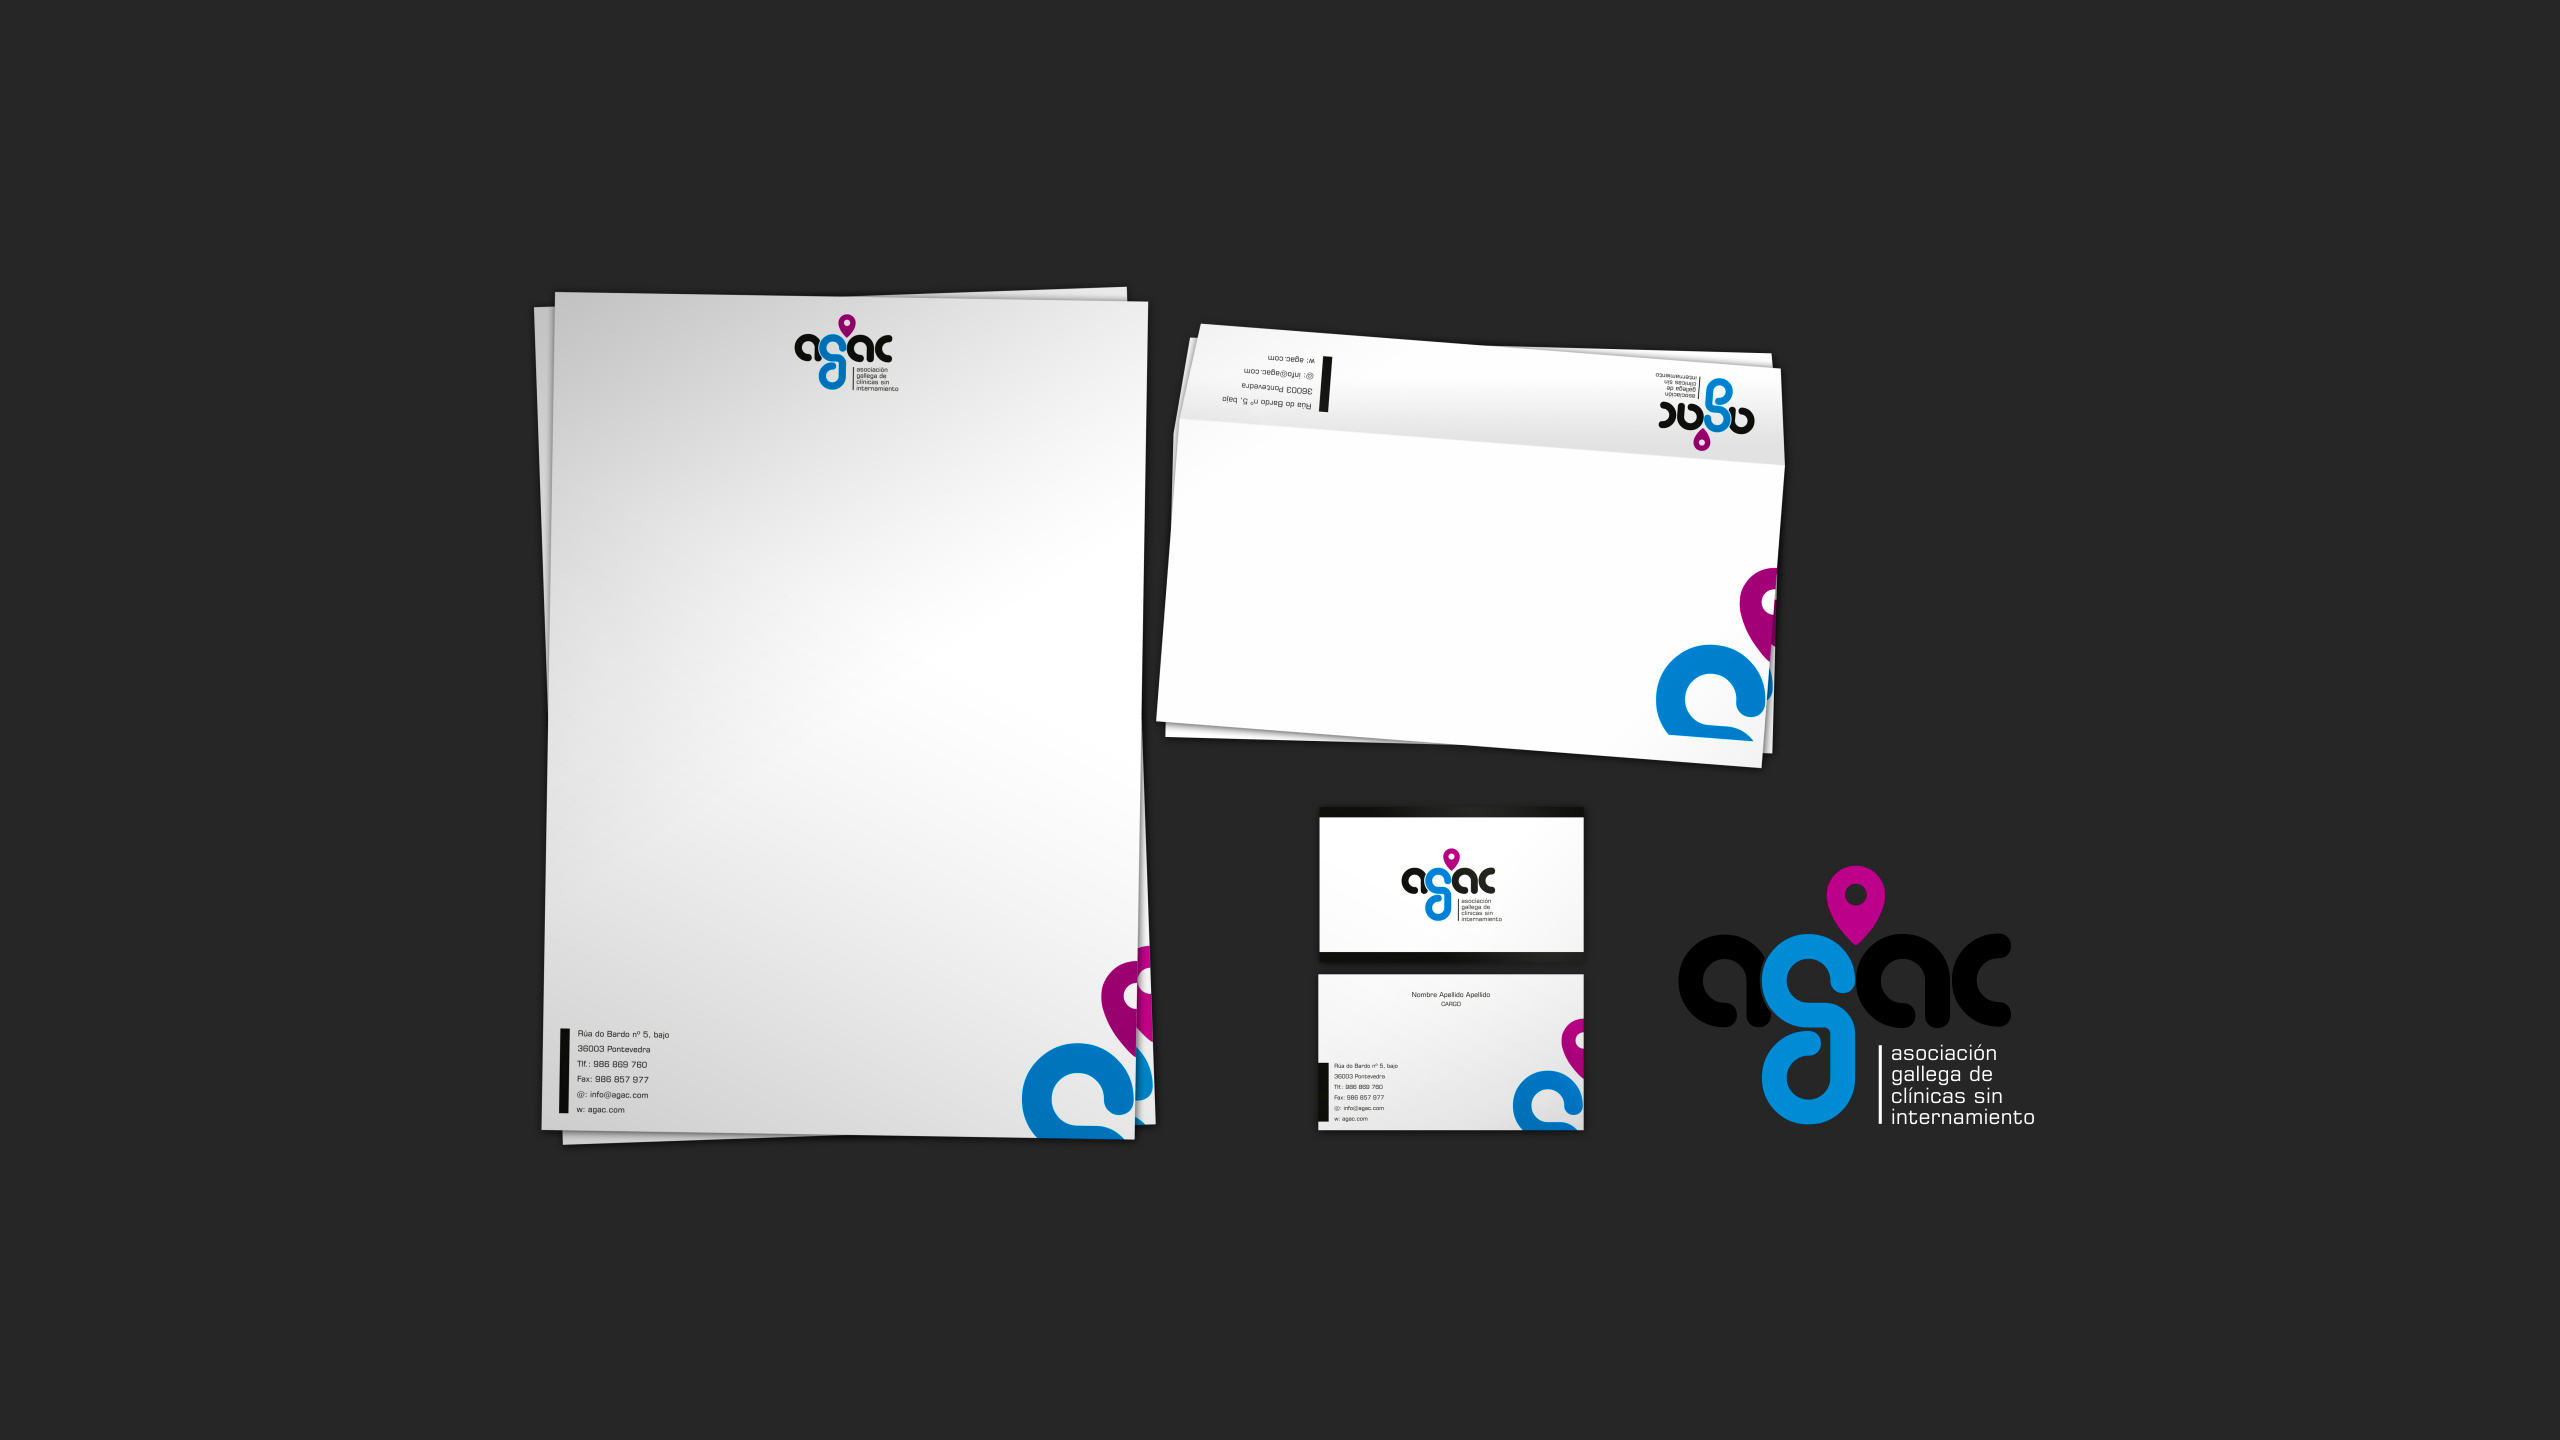 Diseño agac logotipo y papeleria